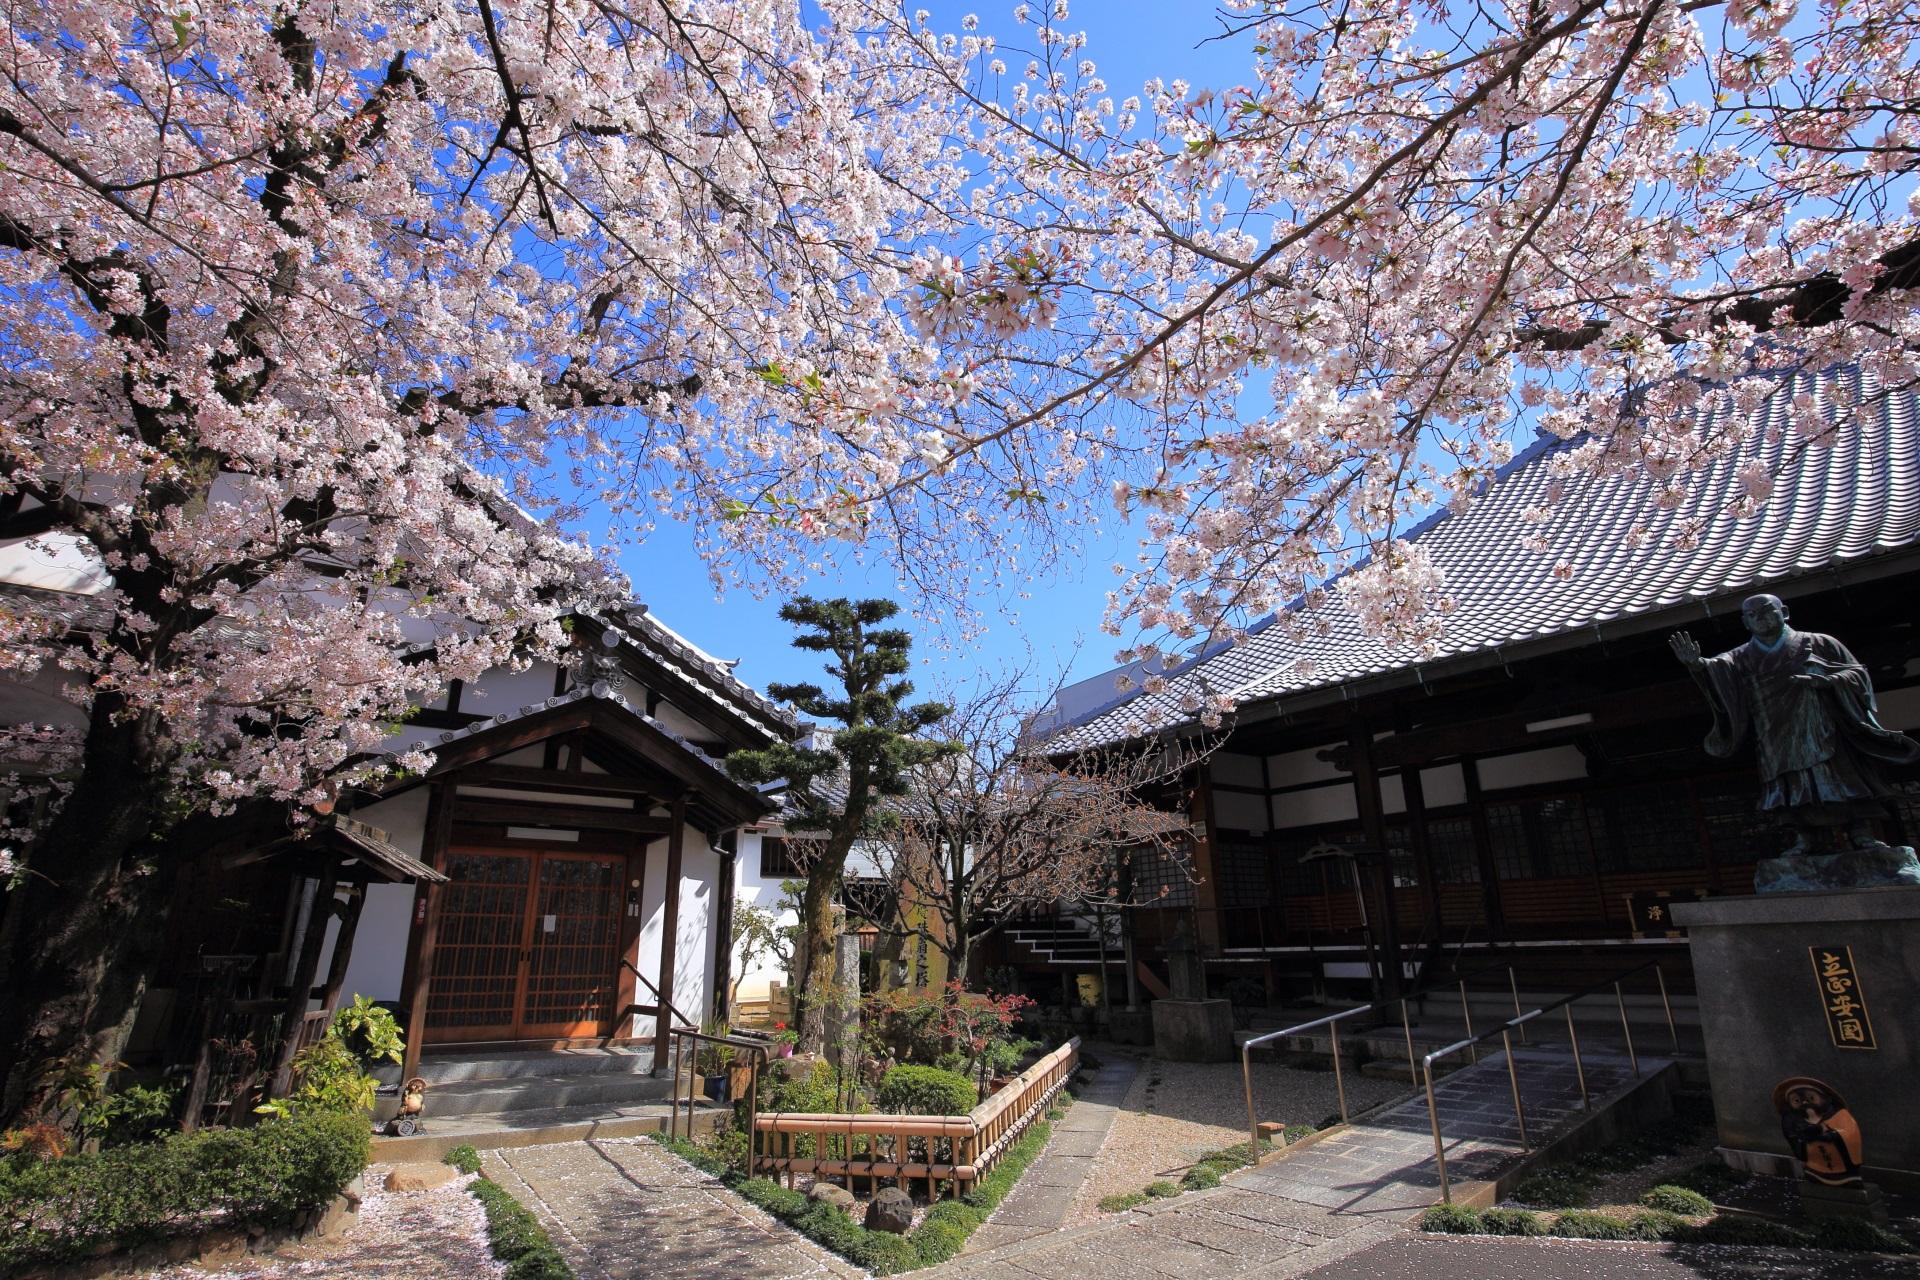 墨染寺の本堂や庫裡前のソメイヨシノ